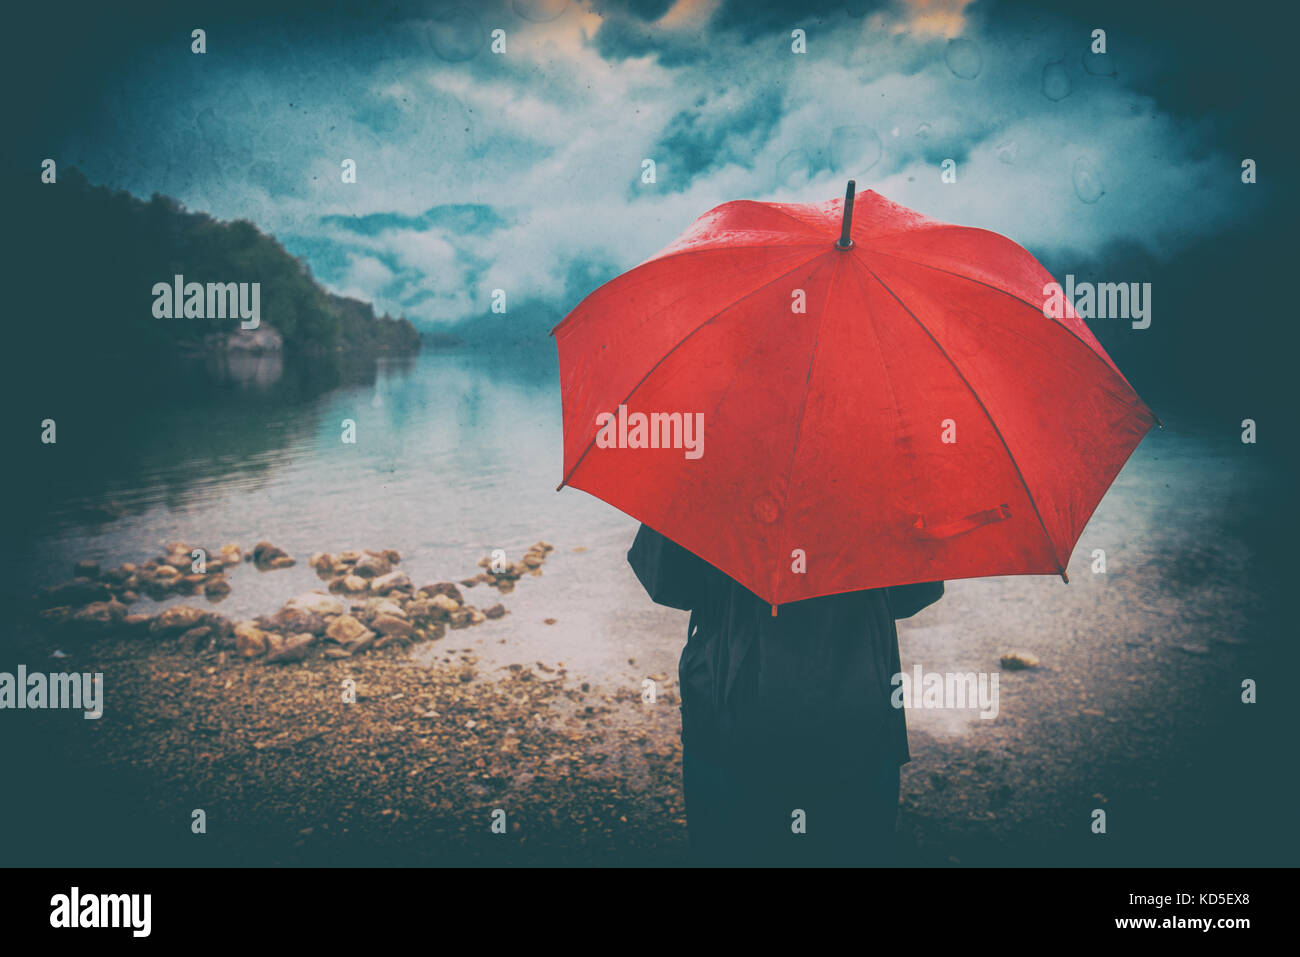 Mujer con sombrilla roja contempla la lluvia delante de un lago. triste y solitaria persona femenina mirando a distancia. Imagen De Stock